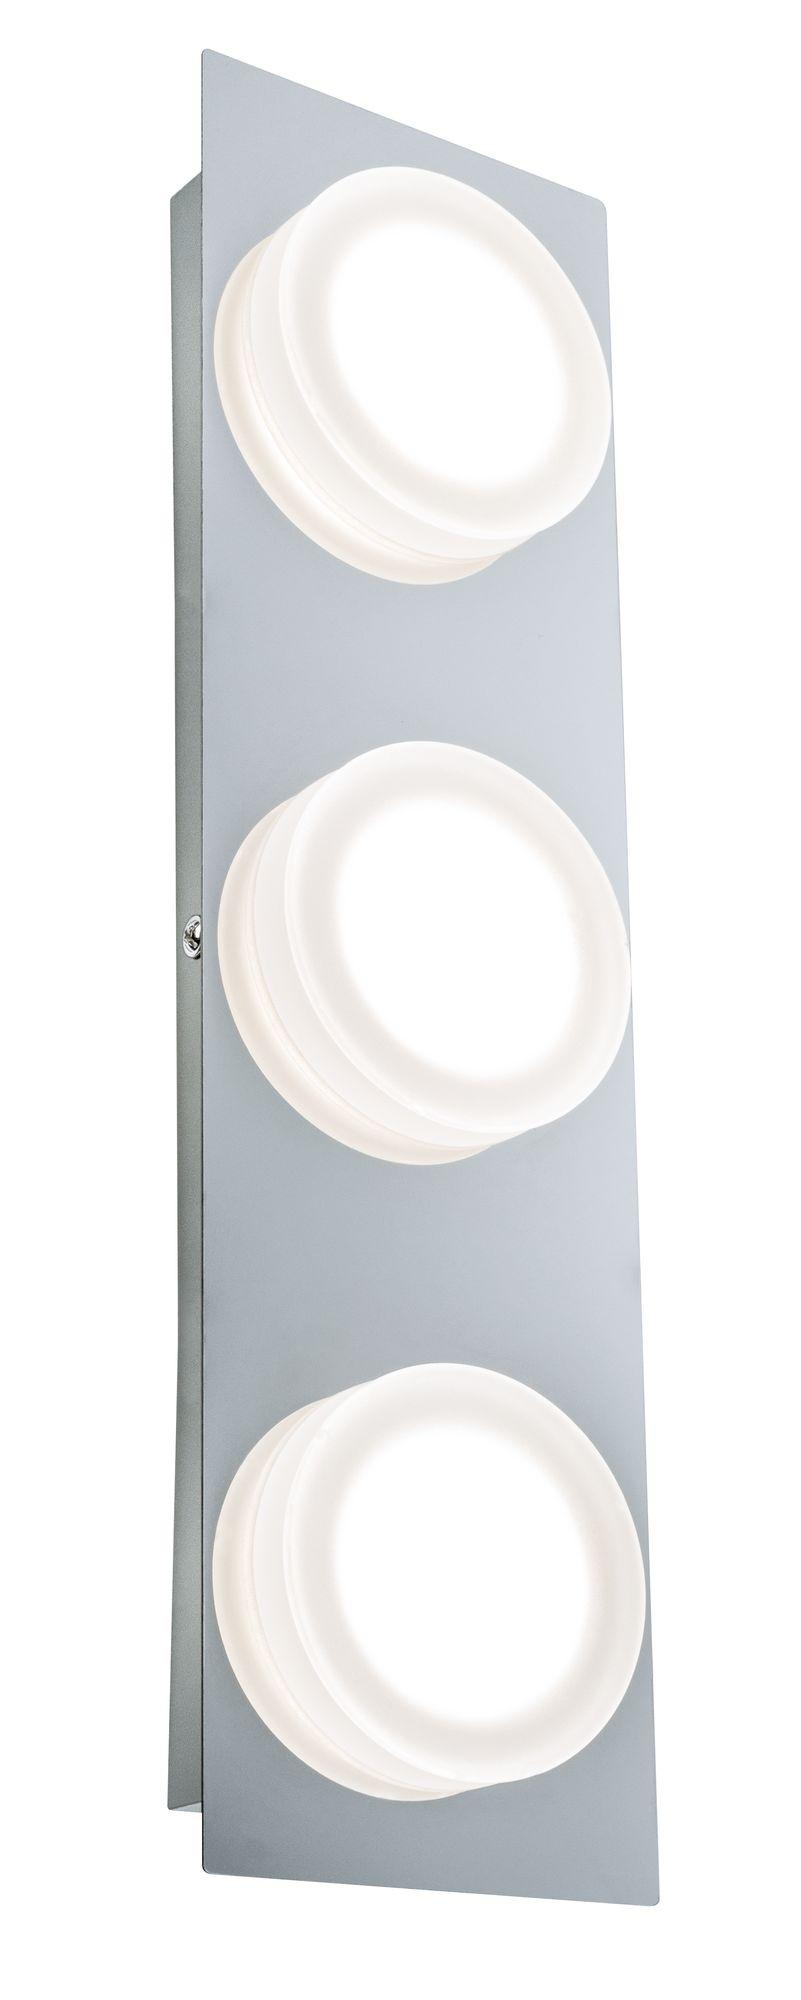 PAULMANN P 70876 koupelnové osvětlení + 5 let záruka ZDARMA!